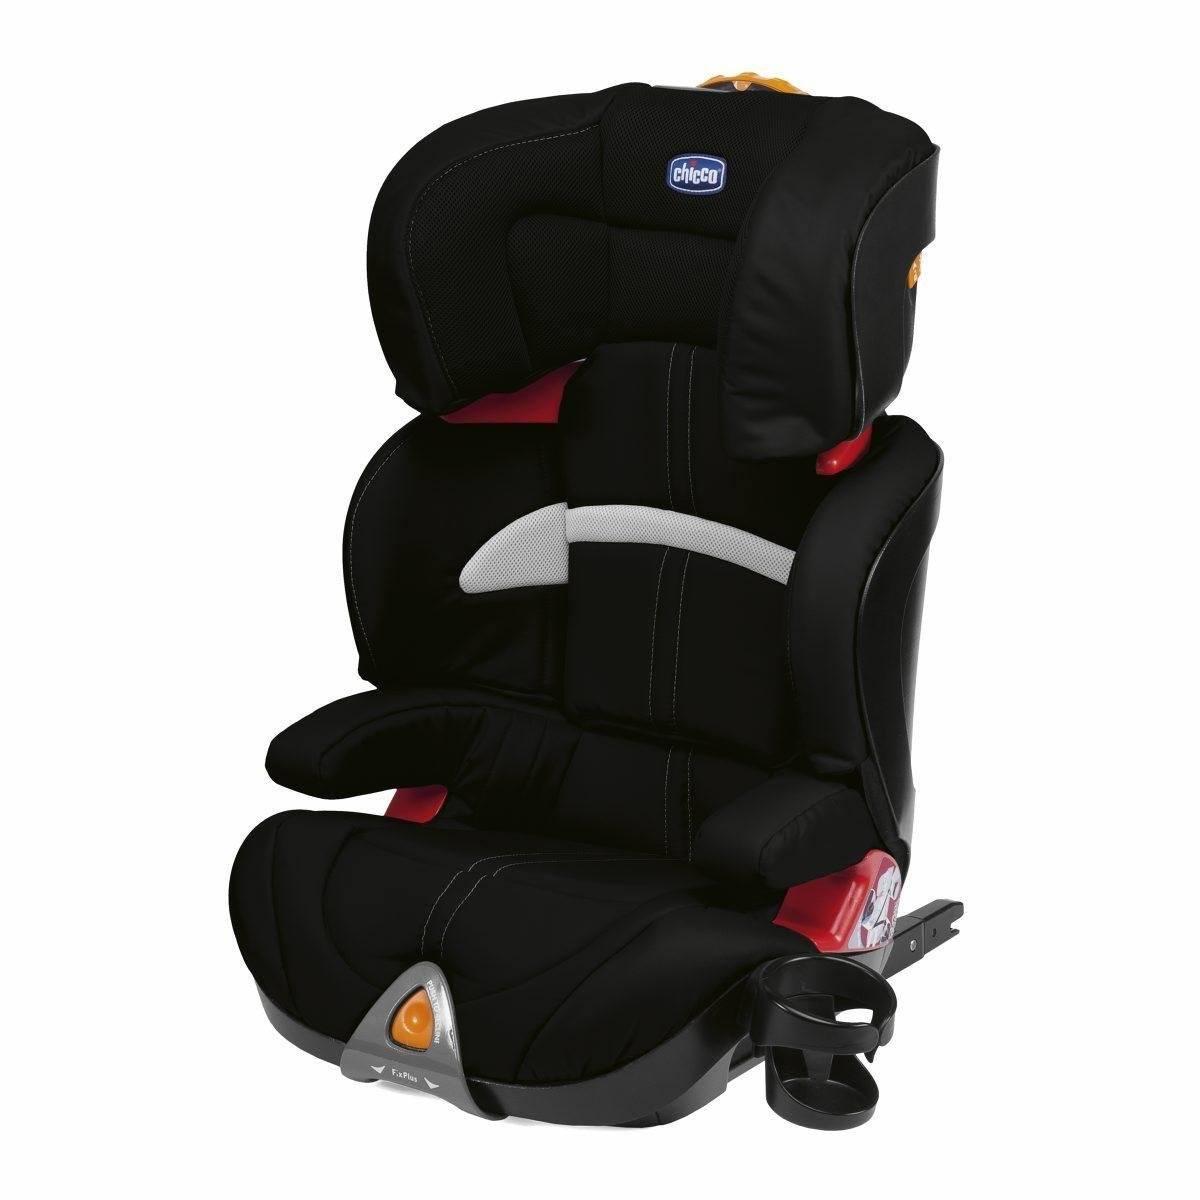 siege auto confortable pour long trajet